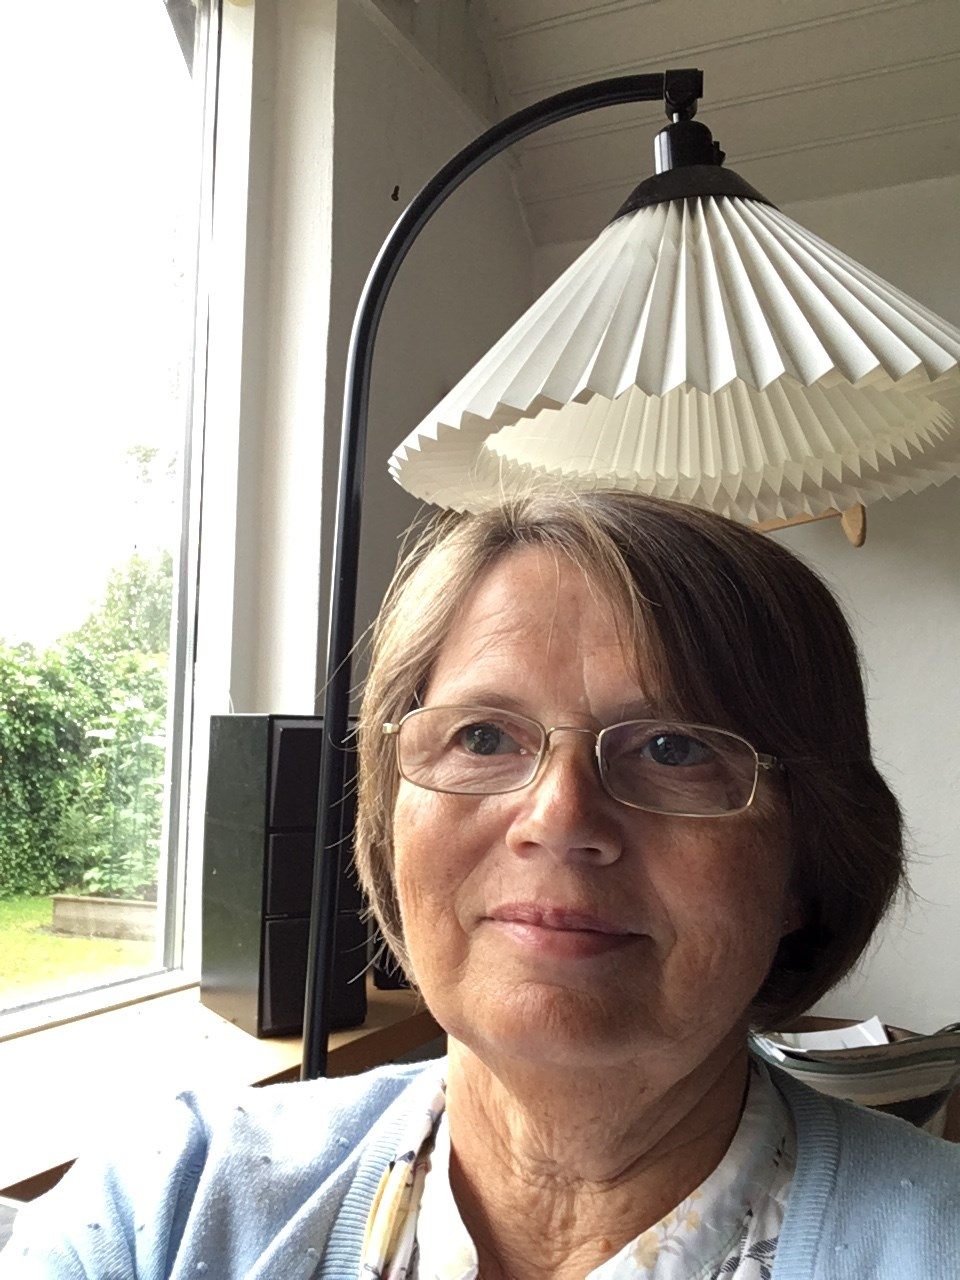 Anne-Mette Eklund Ejlertsen